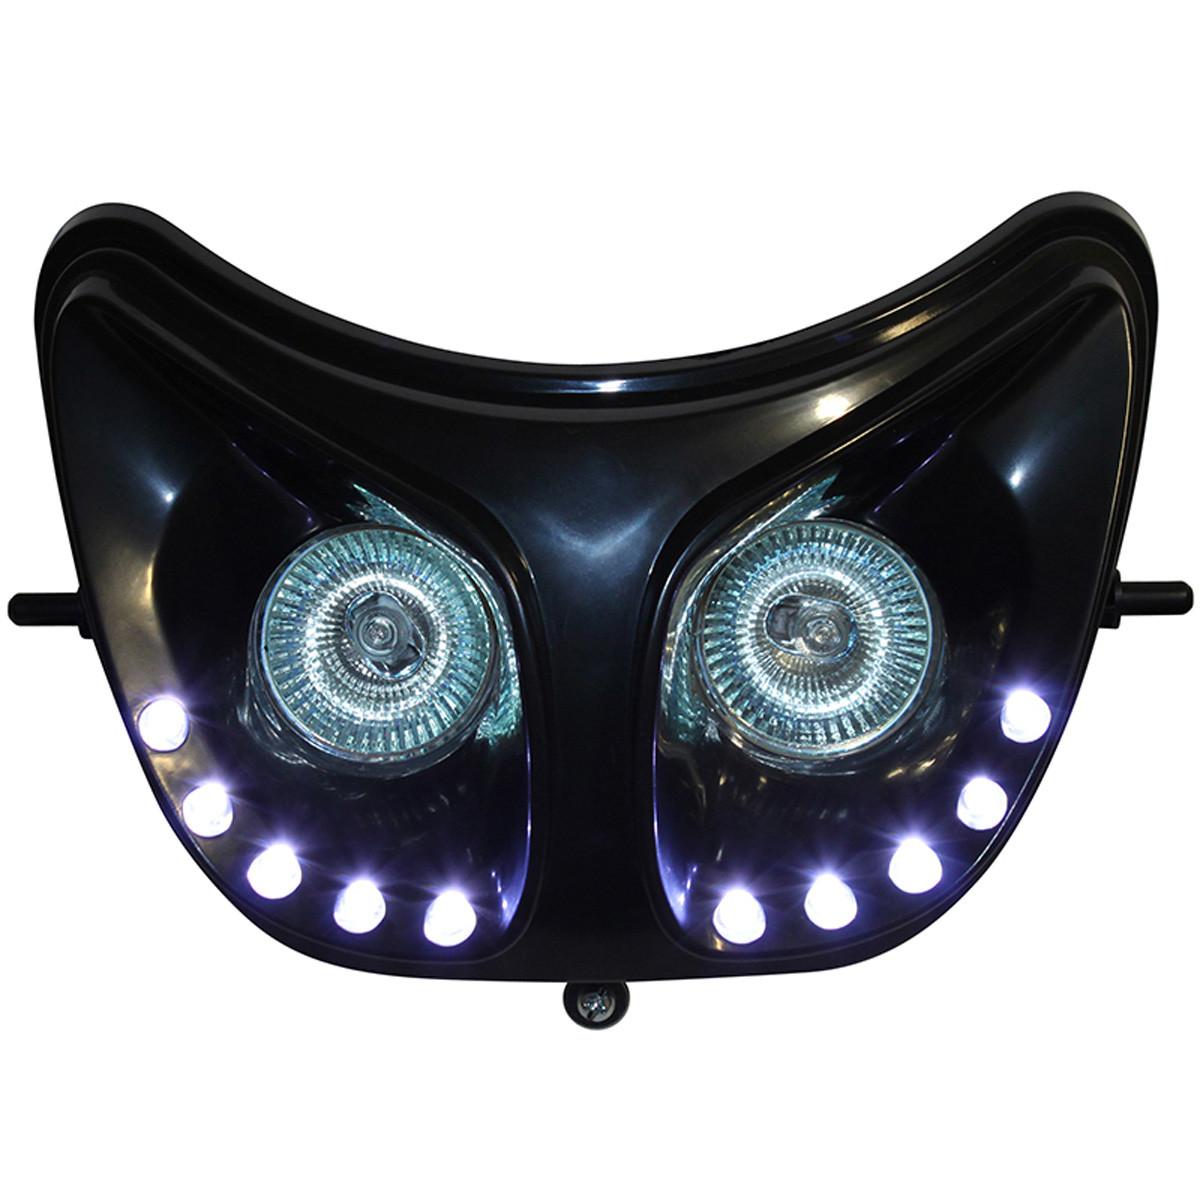 Double Optique Derbi Senda - RR8 Noir à leds blanc